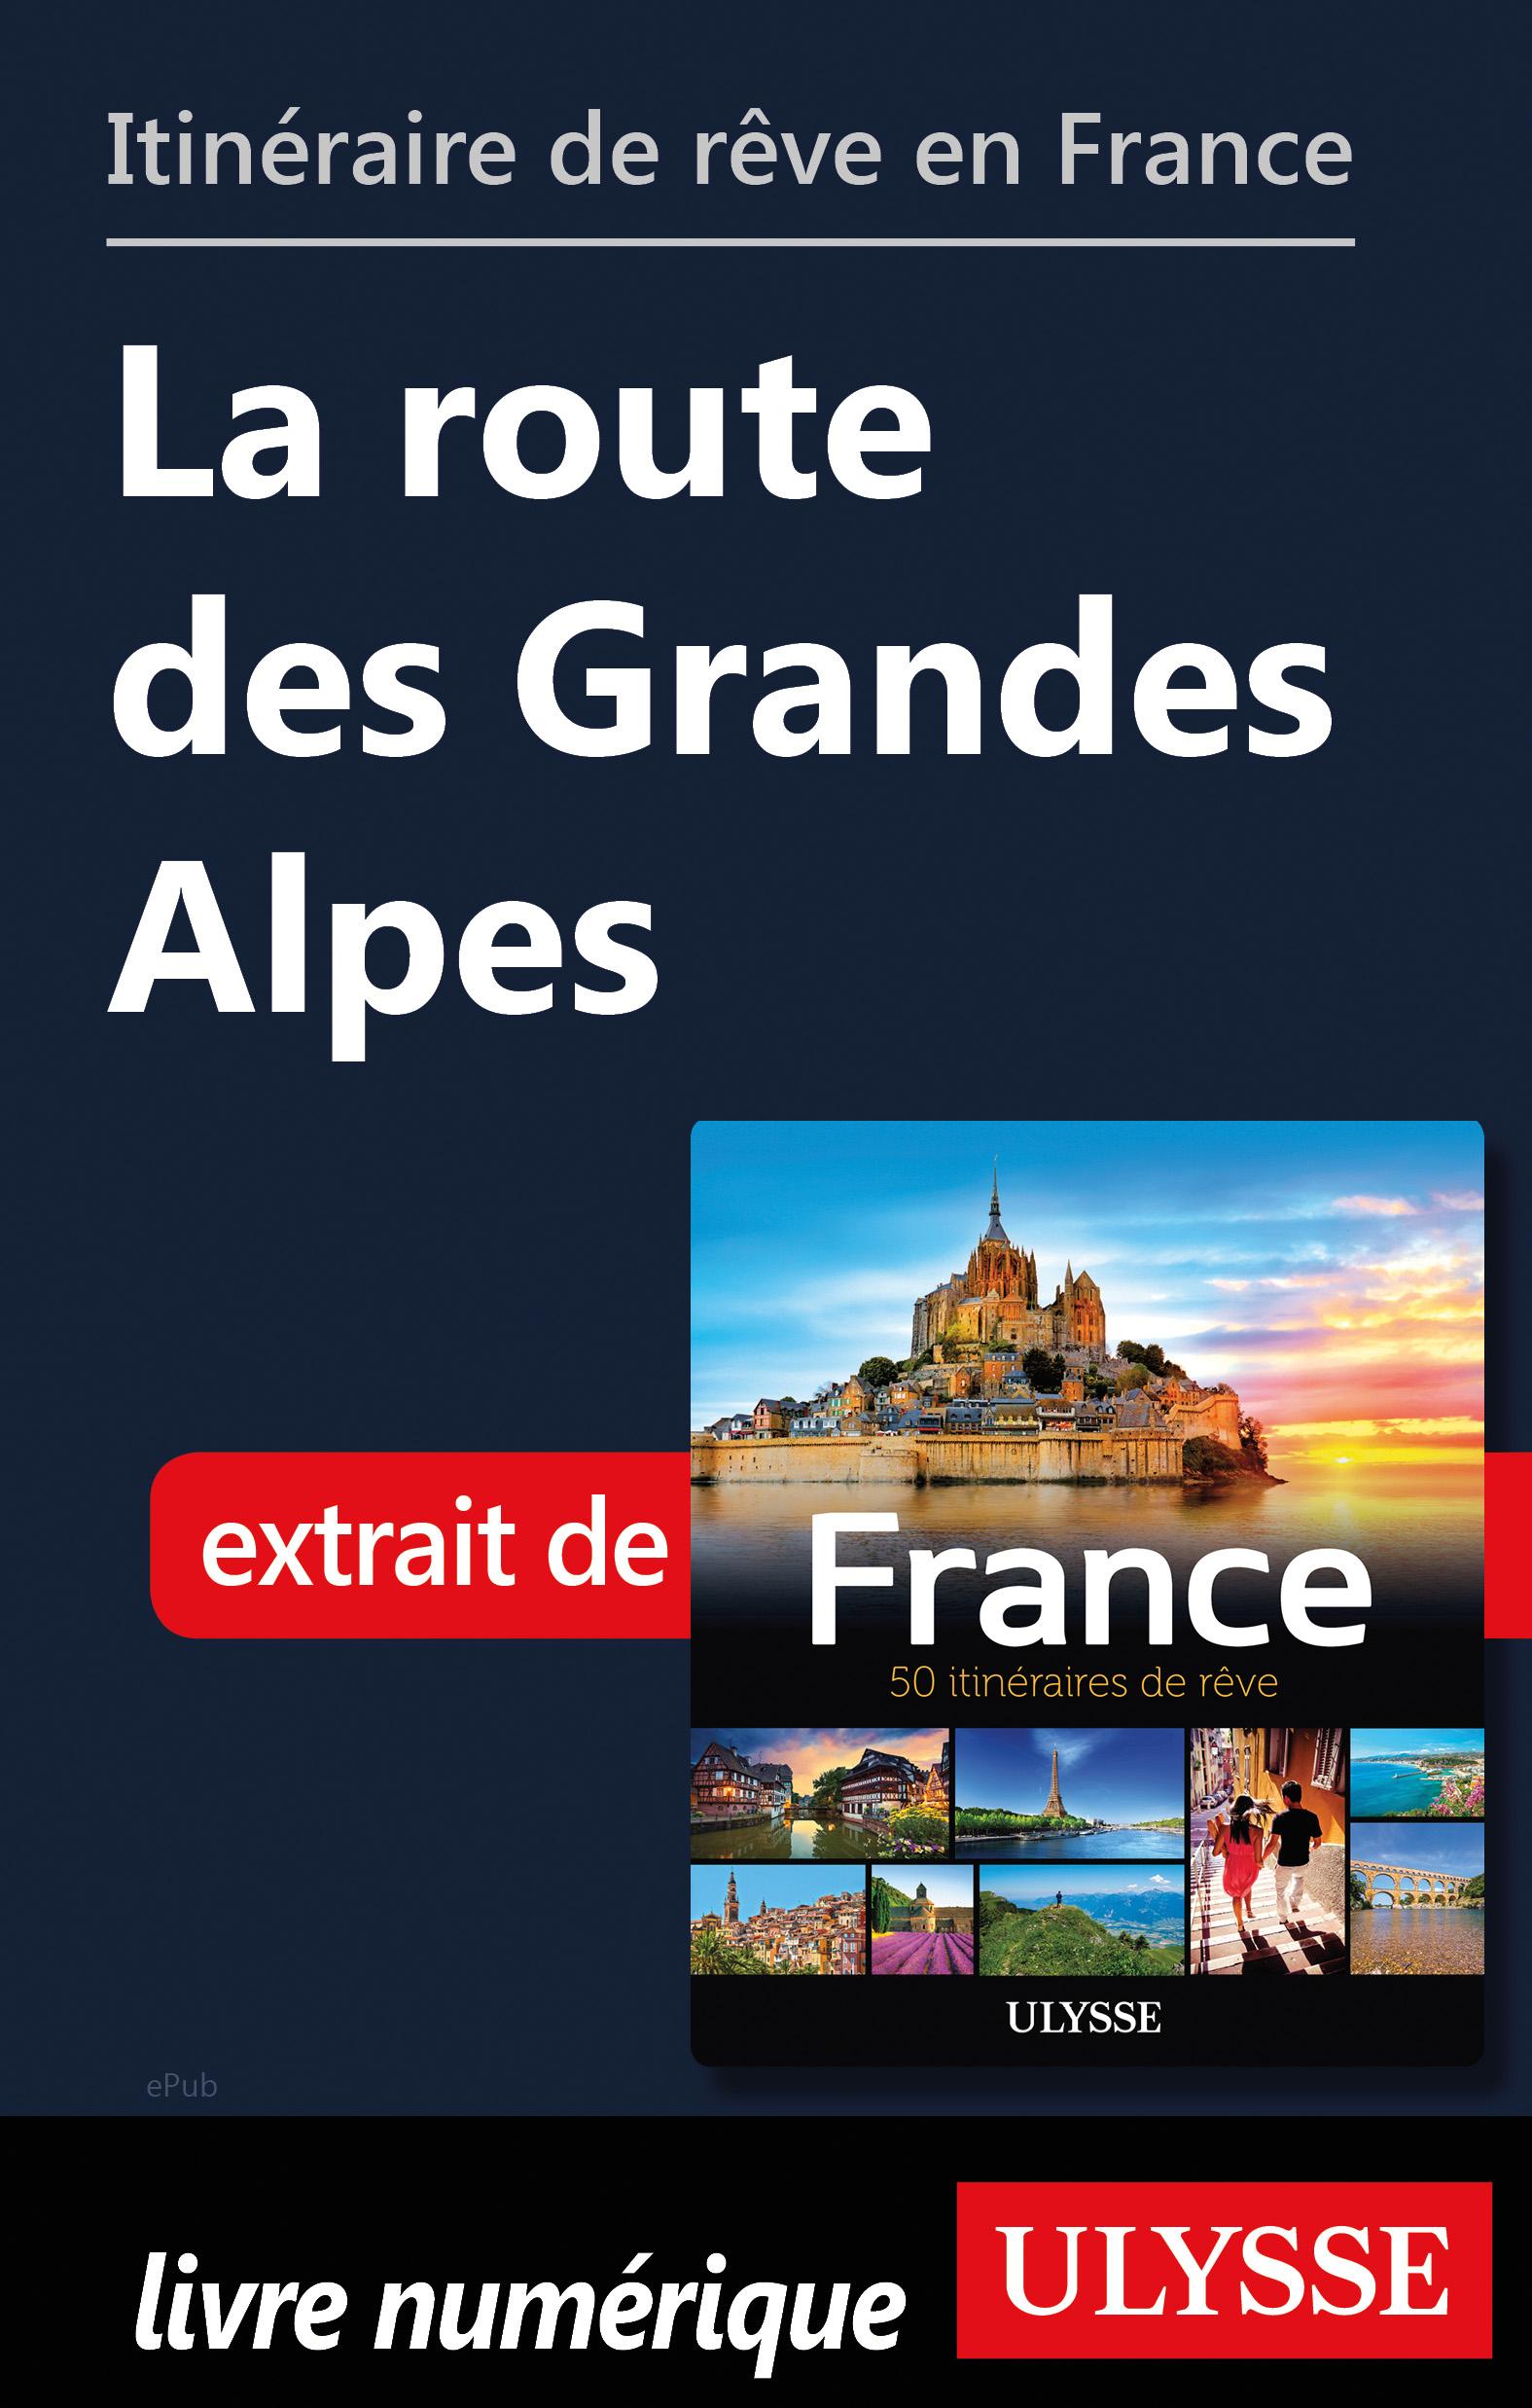 Itinéraire de rêve en France - La route des Grandes Alpes